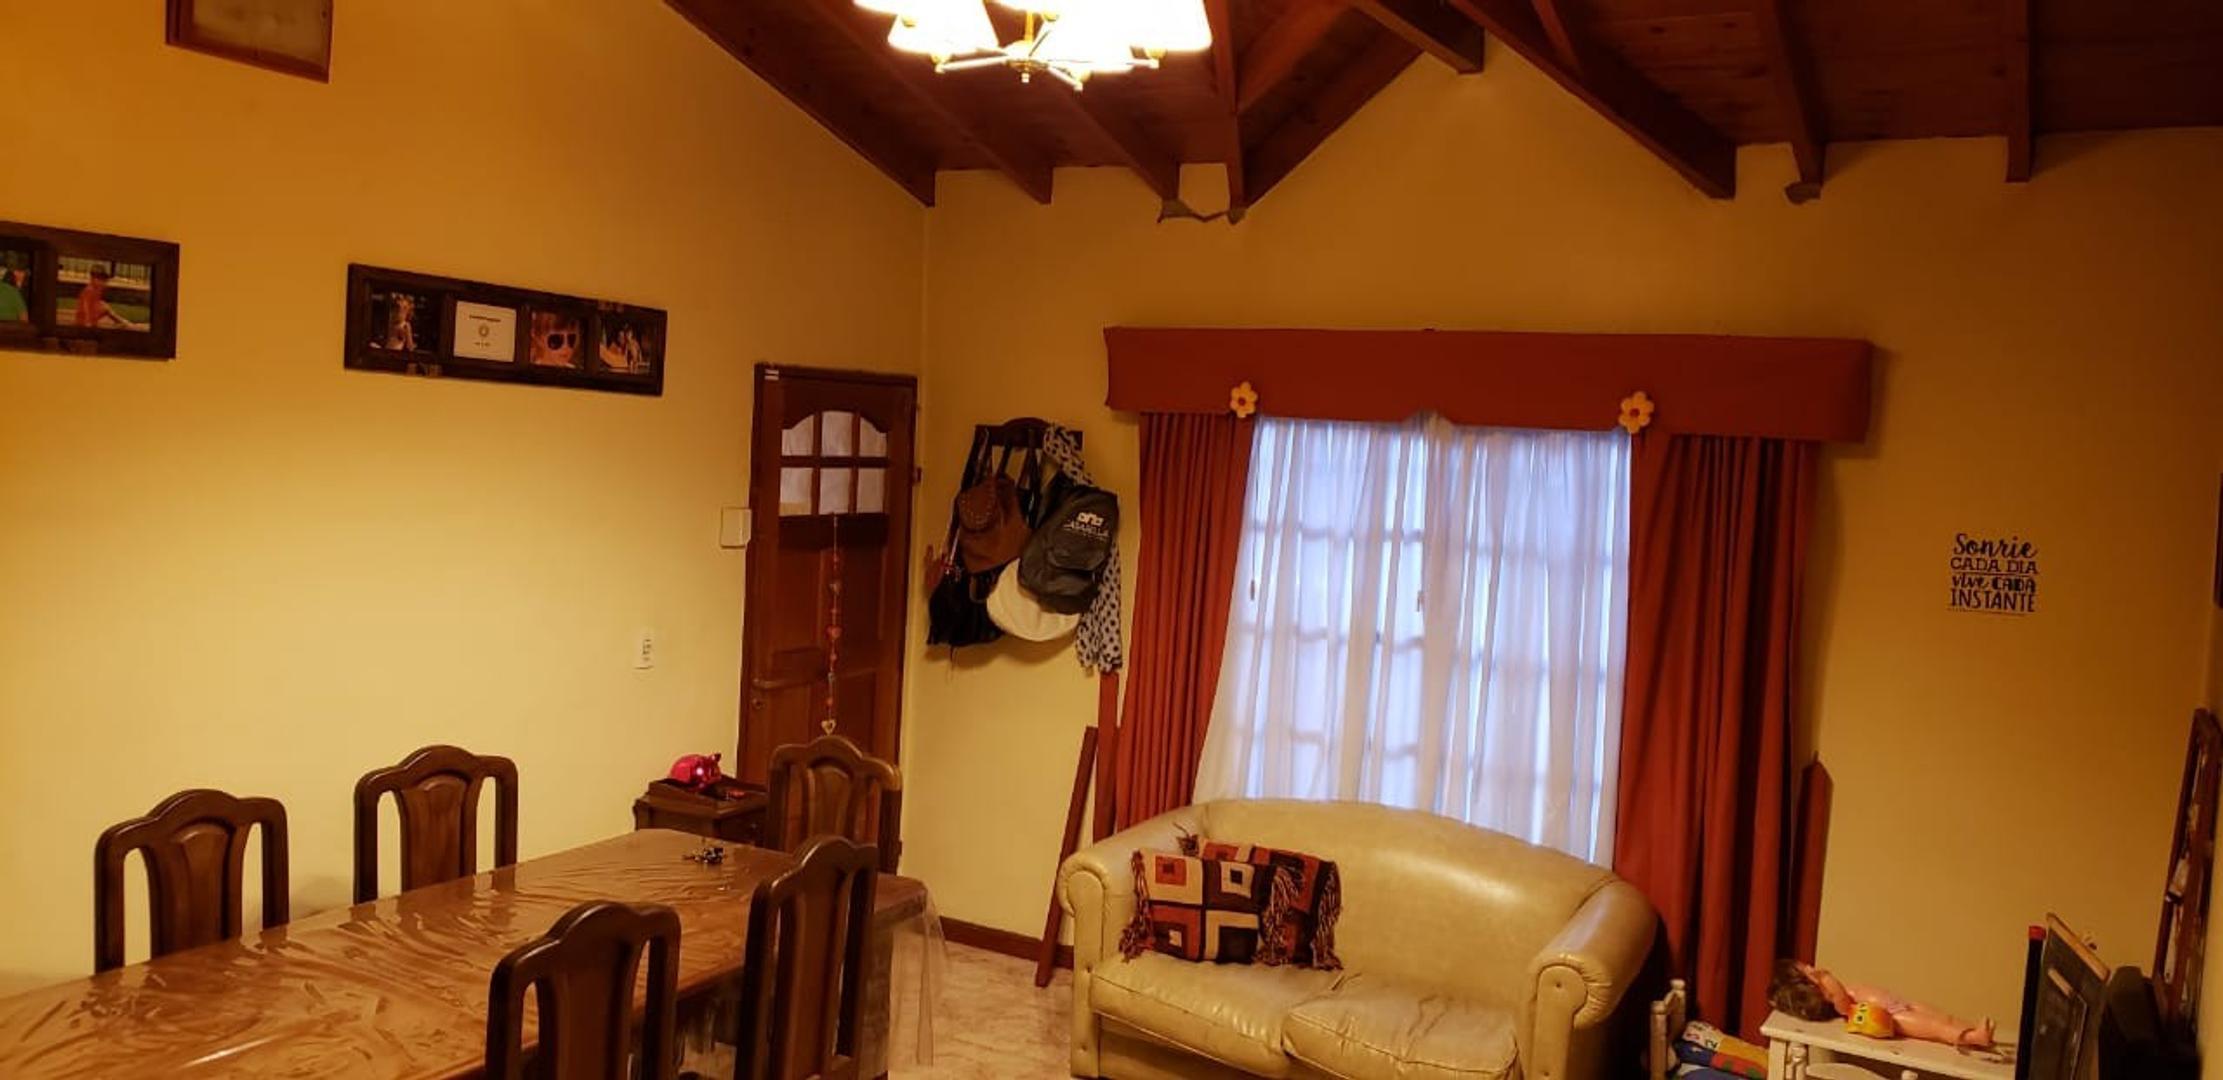 Casa - 70 m²   2 dormitorios   15 años